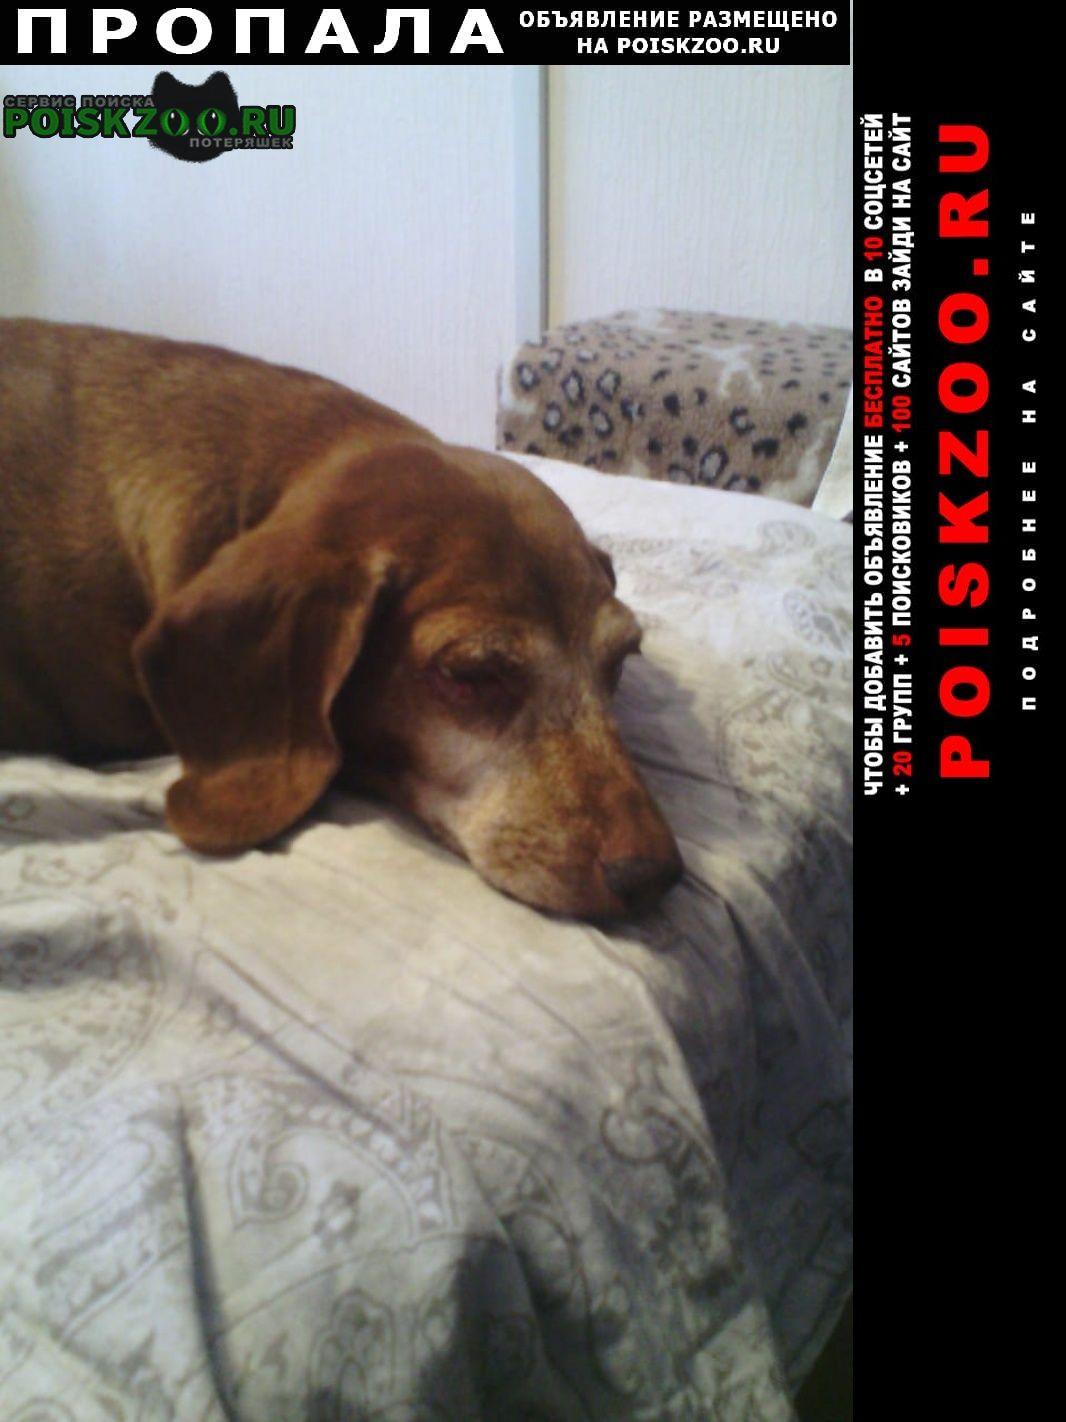 Пропала собака Куртамыш